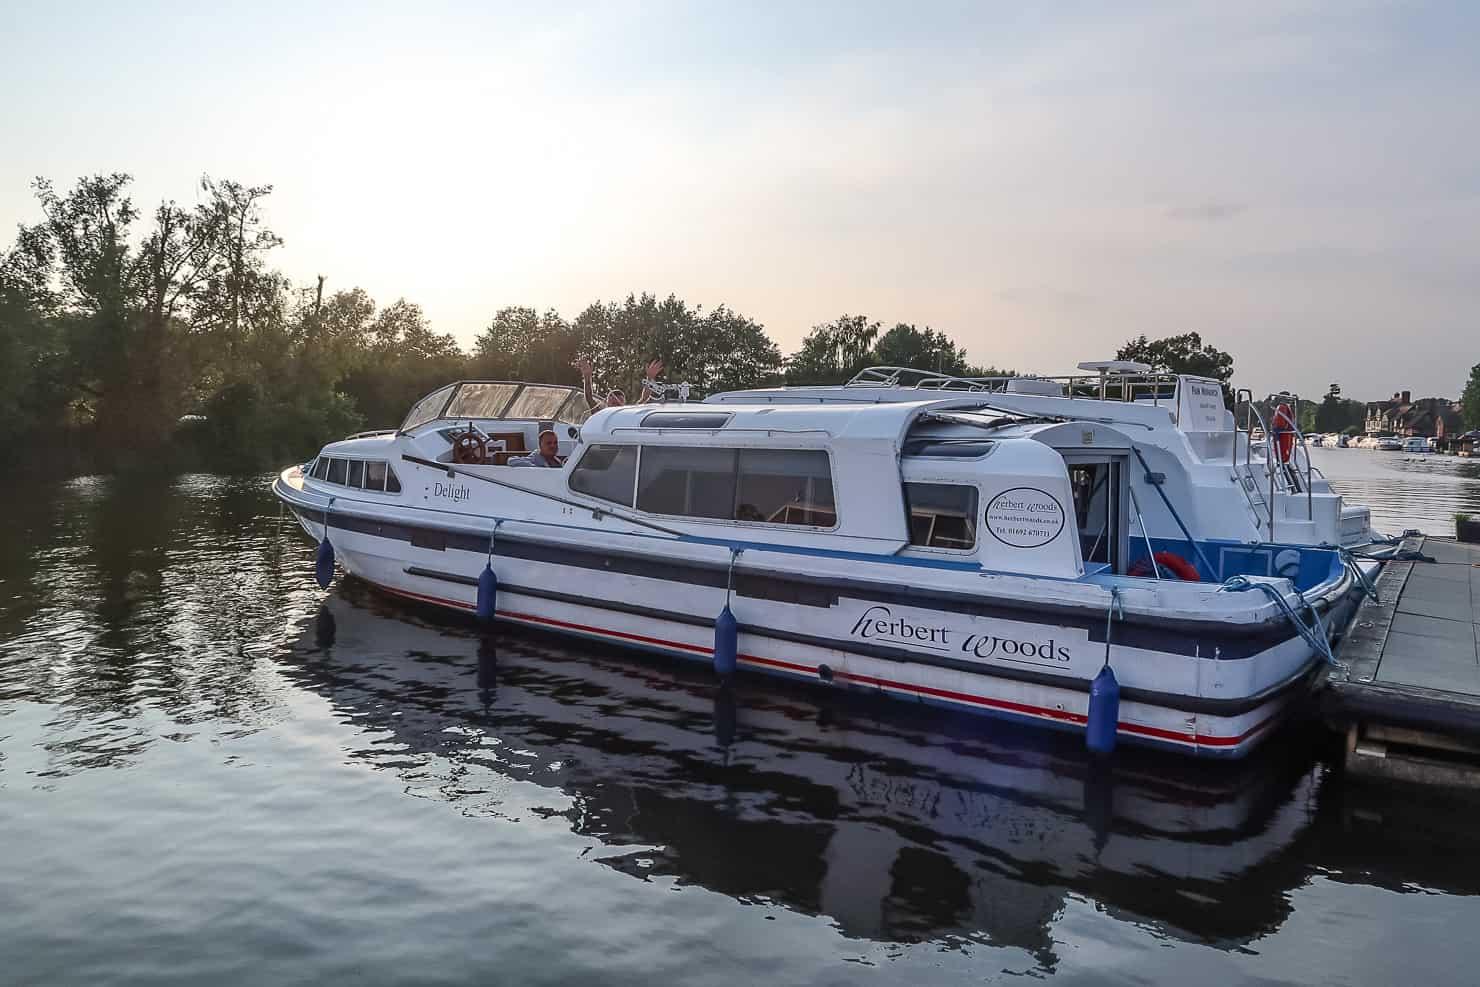 Norfolk Broads Boat Hire - Herbert Woods